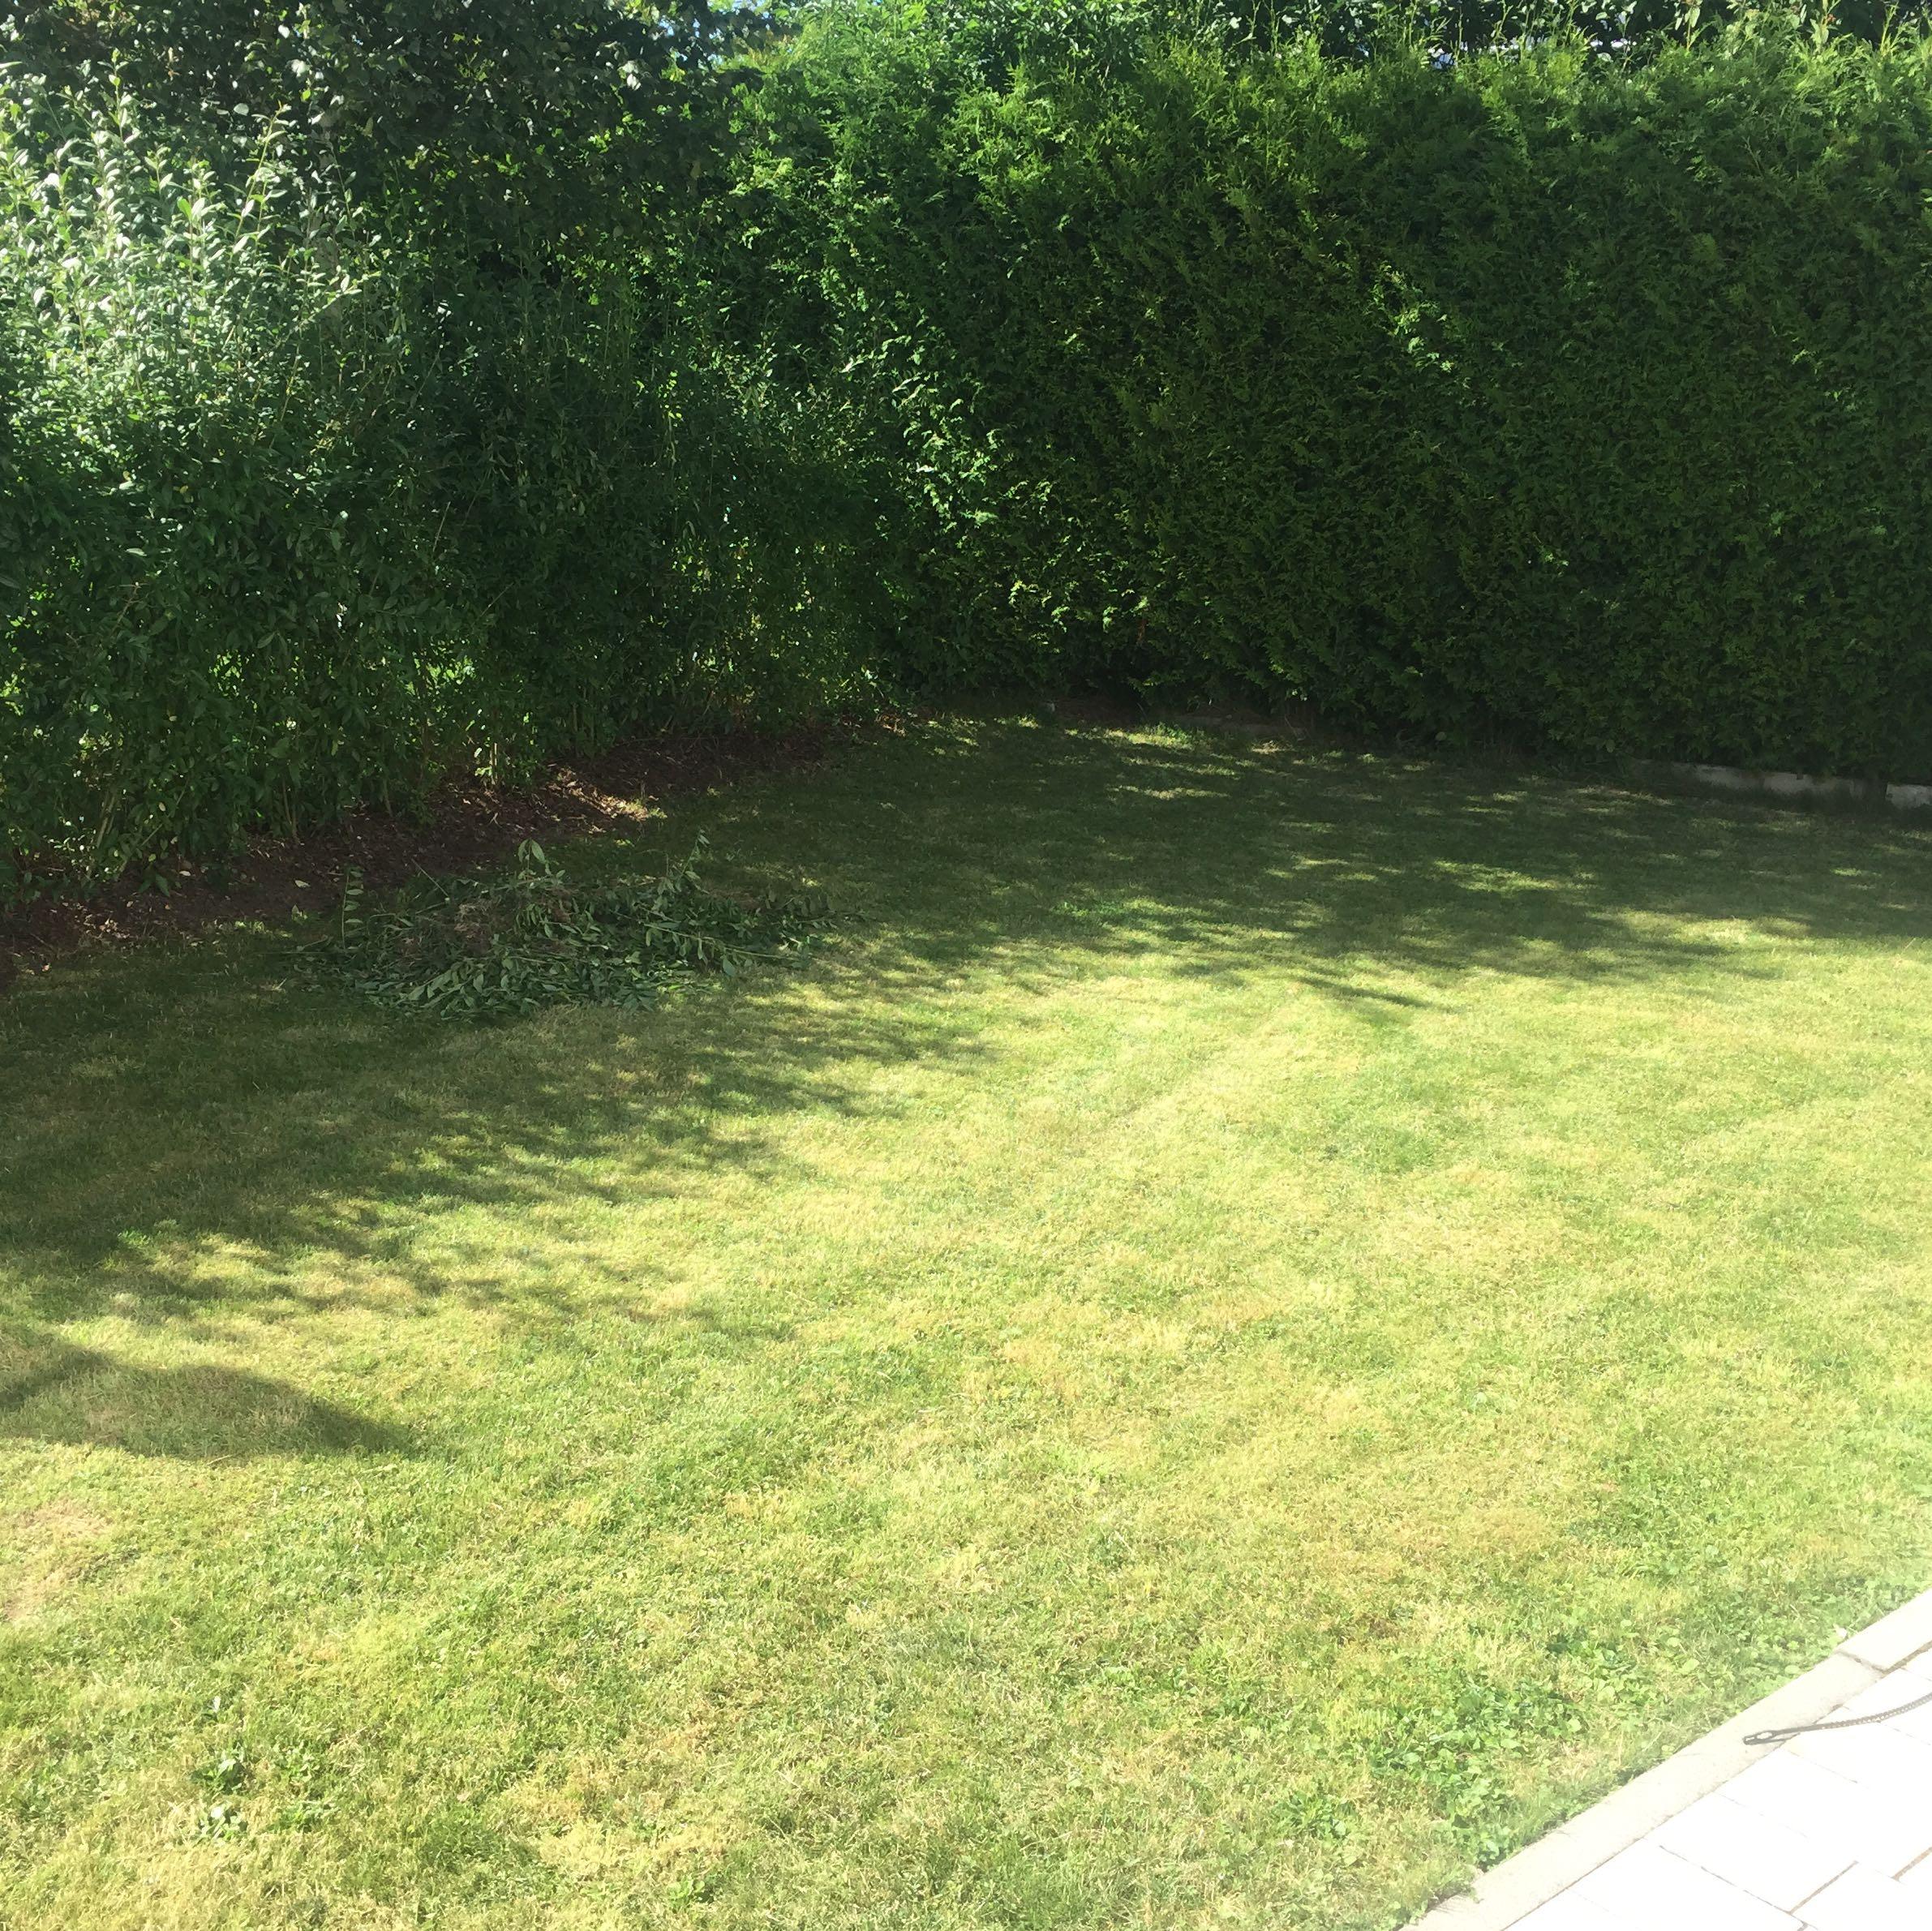 garten gestalten teich oder terrasse haus wasser pflanzen. Black Bedroom Furniture Sets. Home Design Ideas